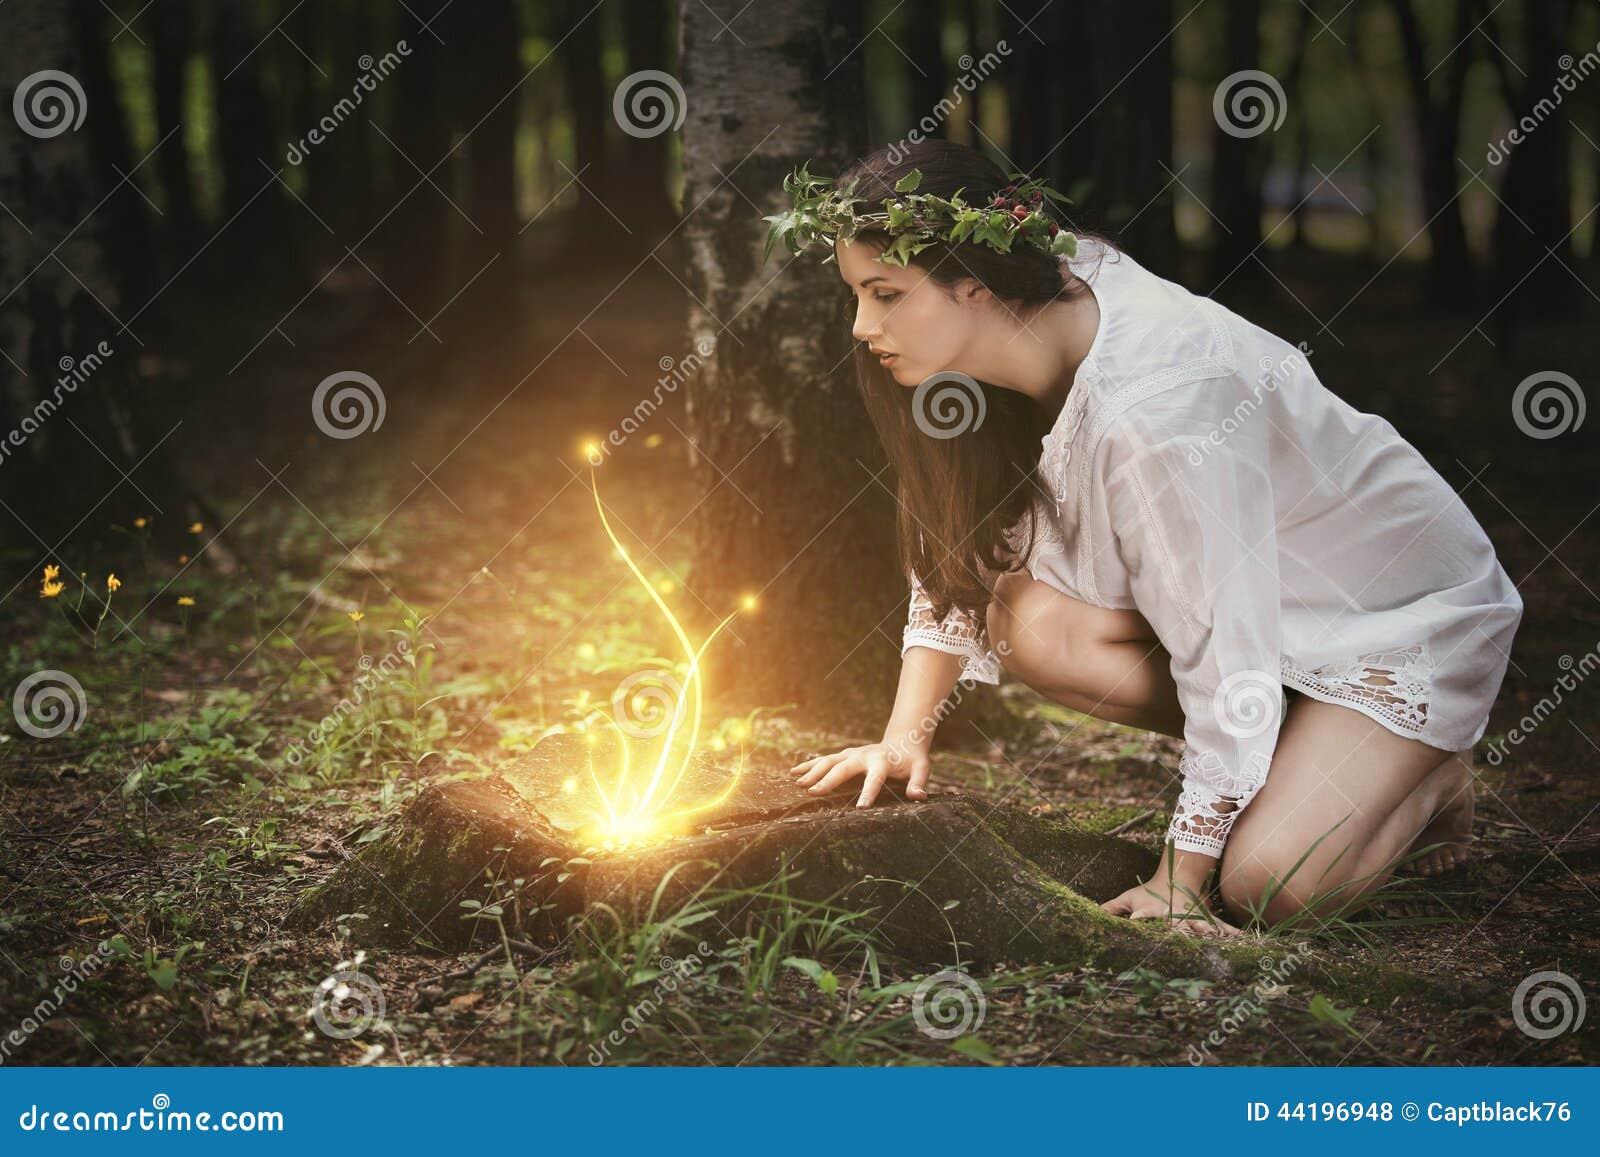 Feenlichter in einem magischen Wald